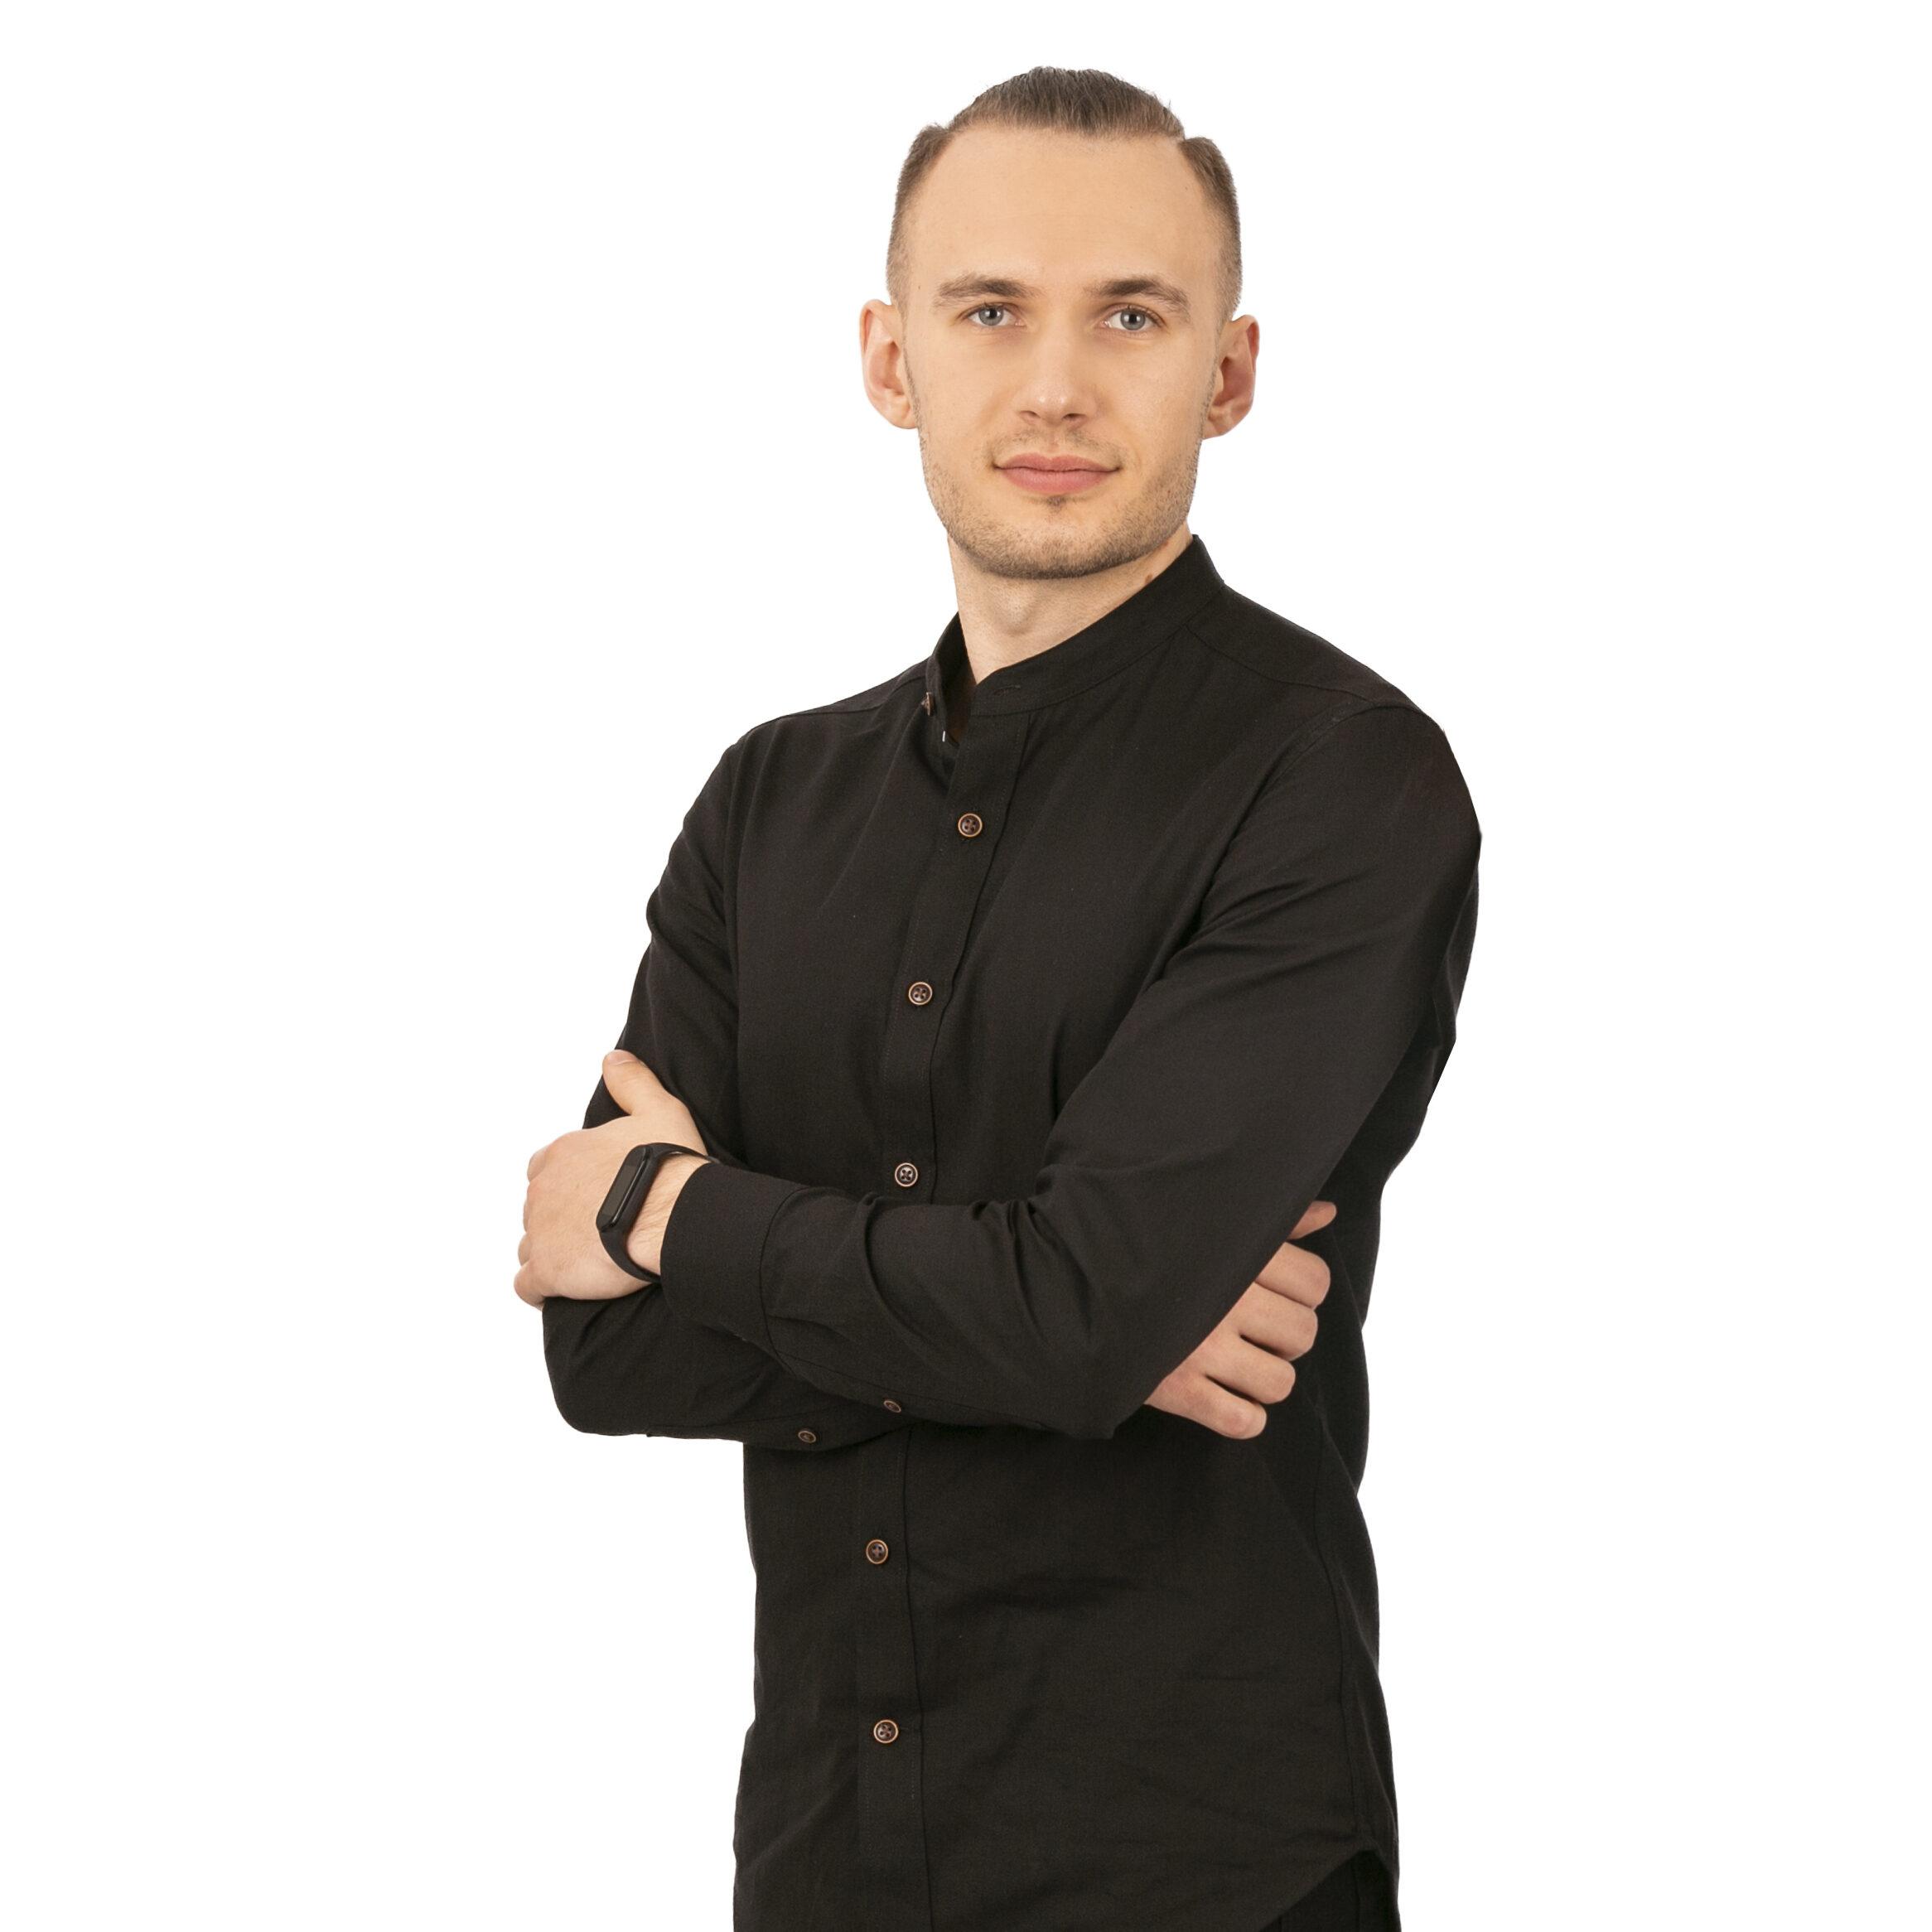 Paweł1